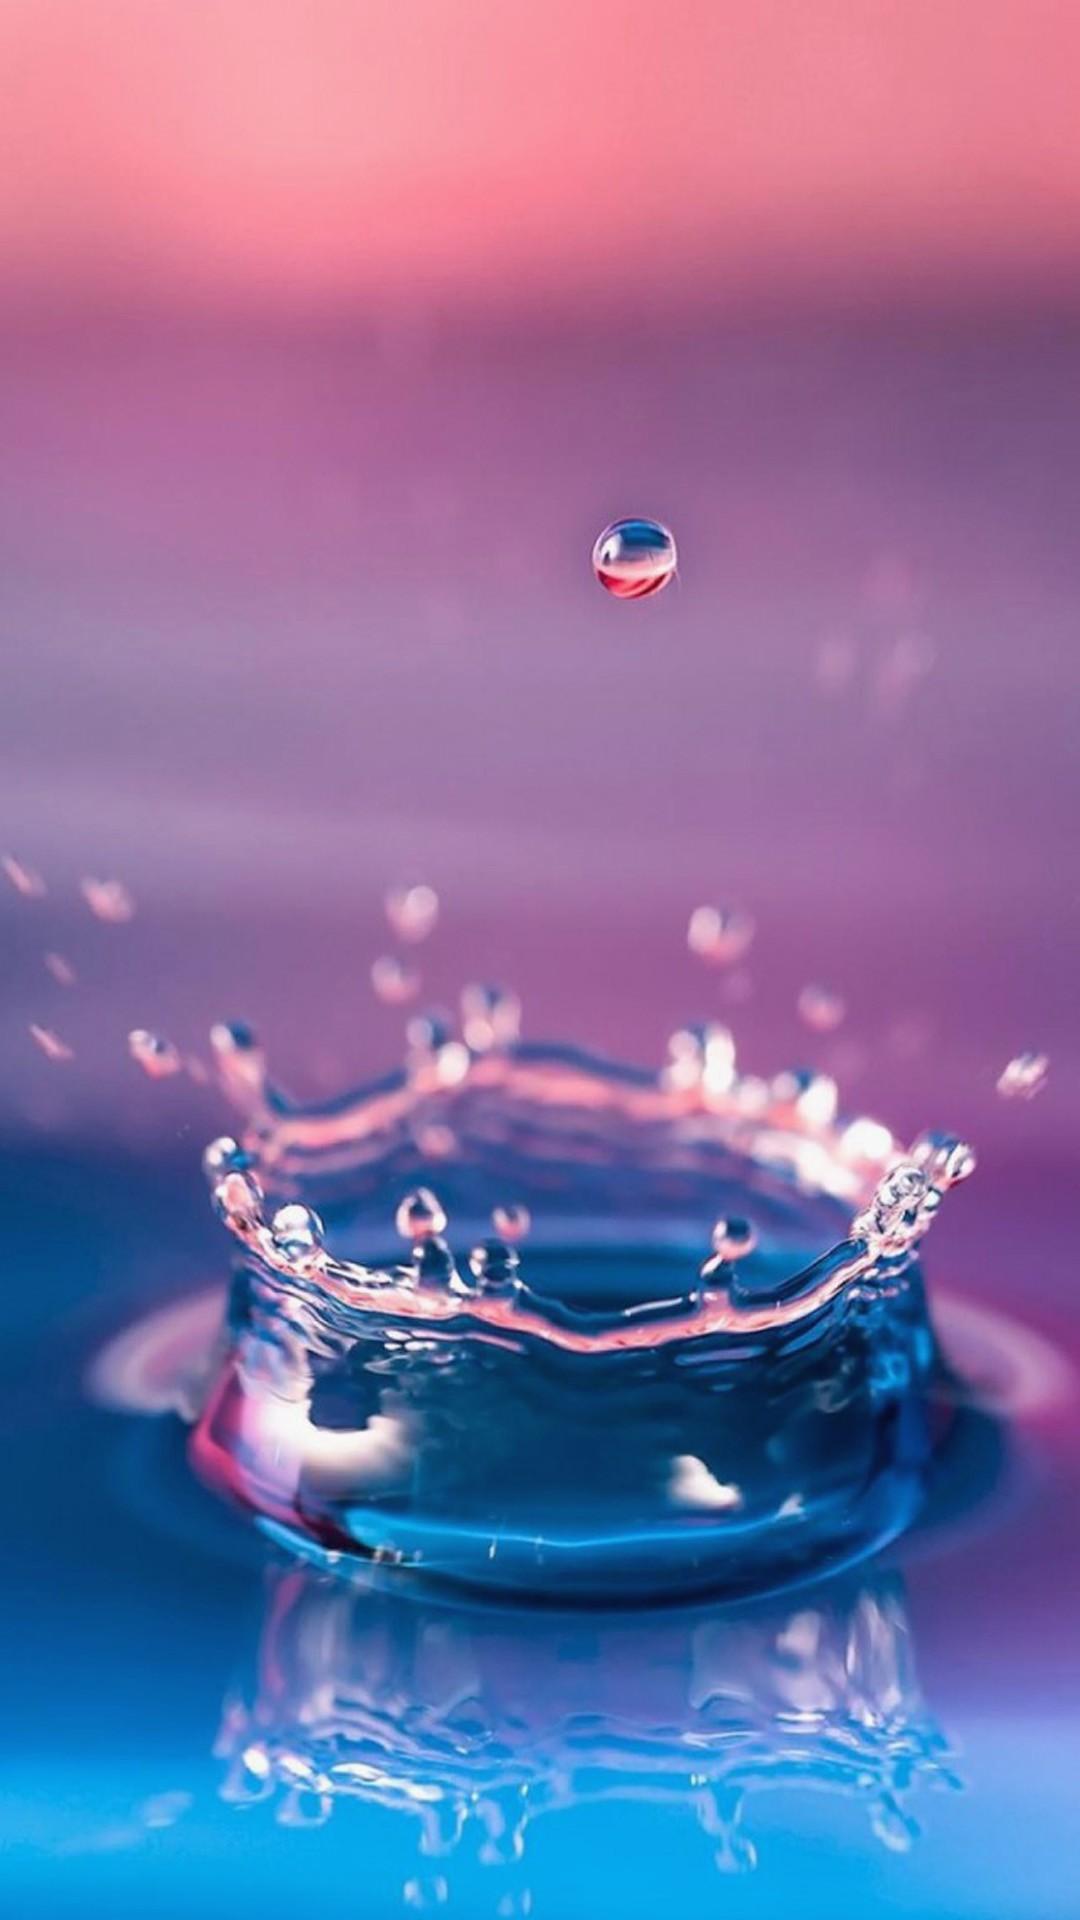 Hình nèn Samsung giọt nước bắn lên cực đẹp